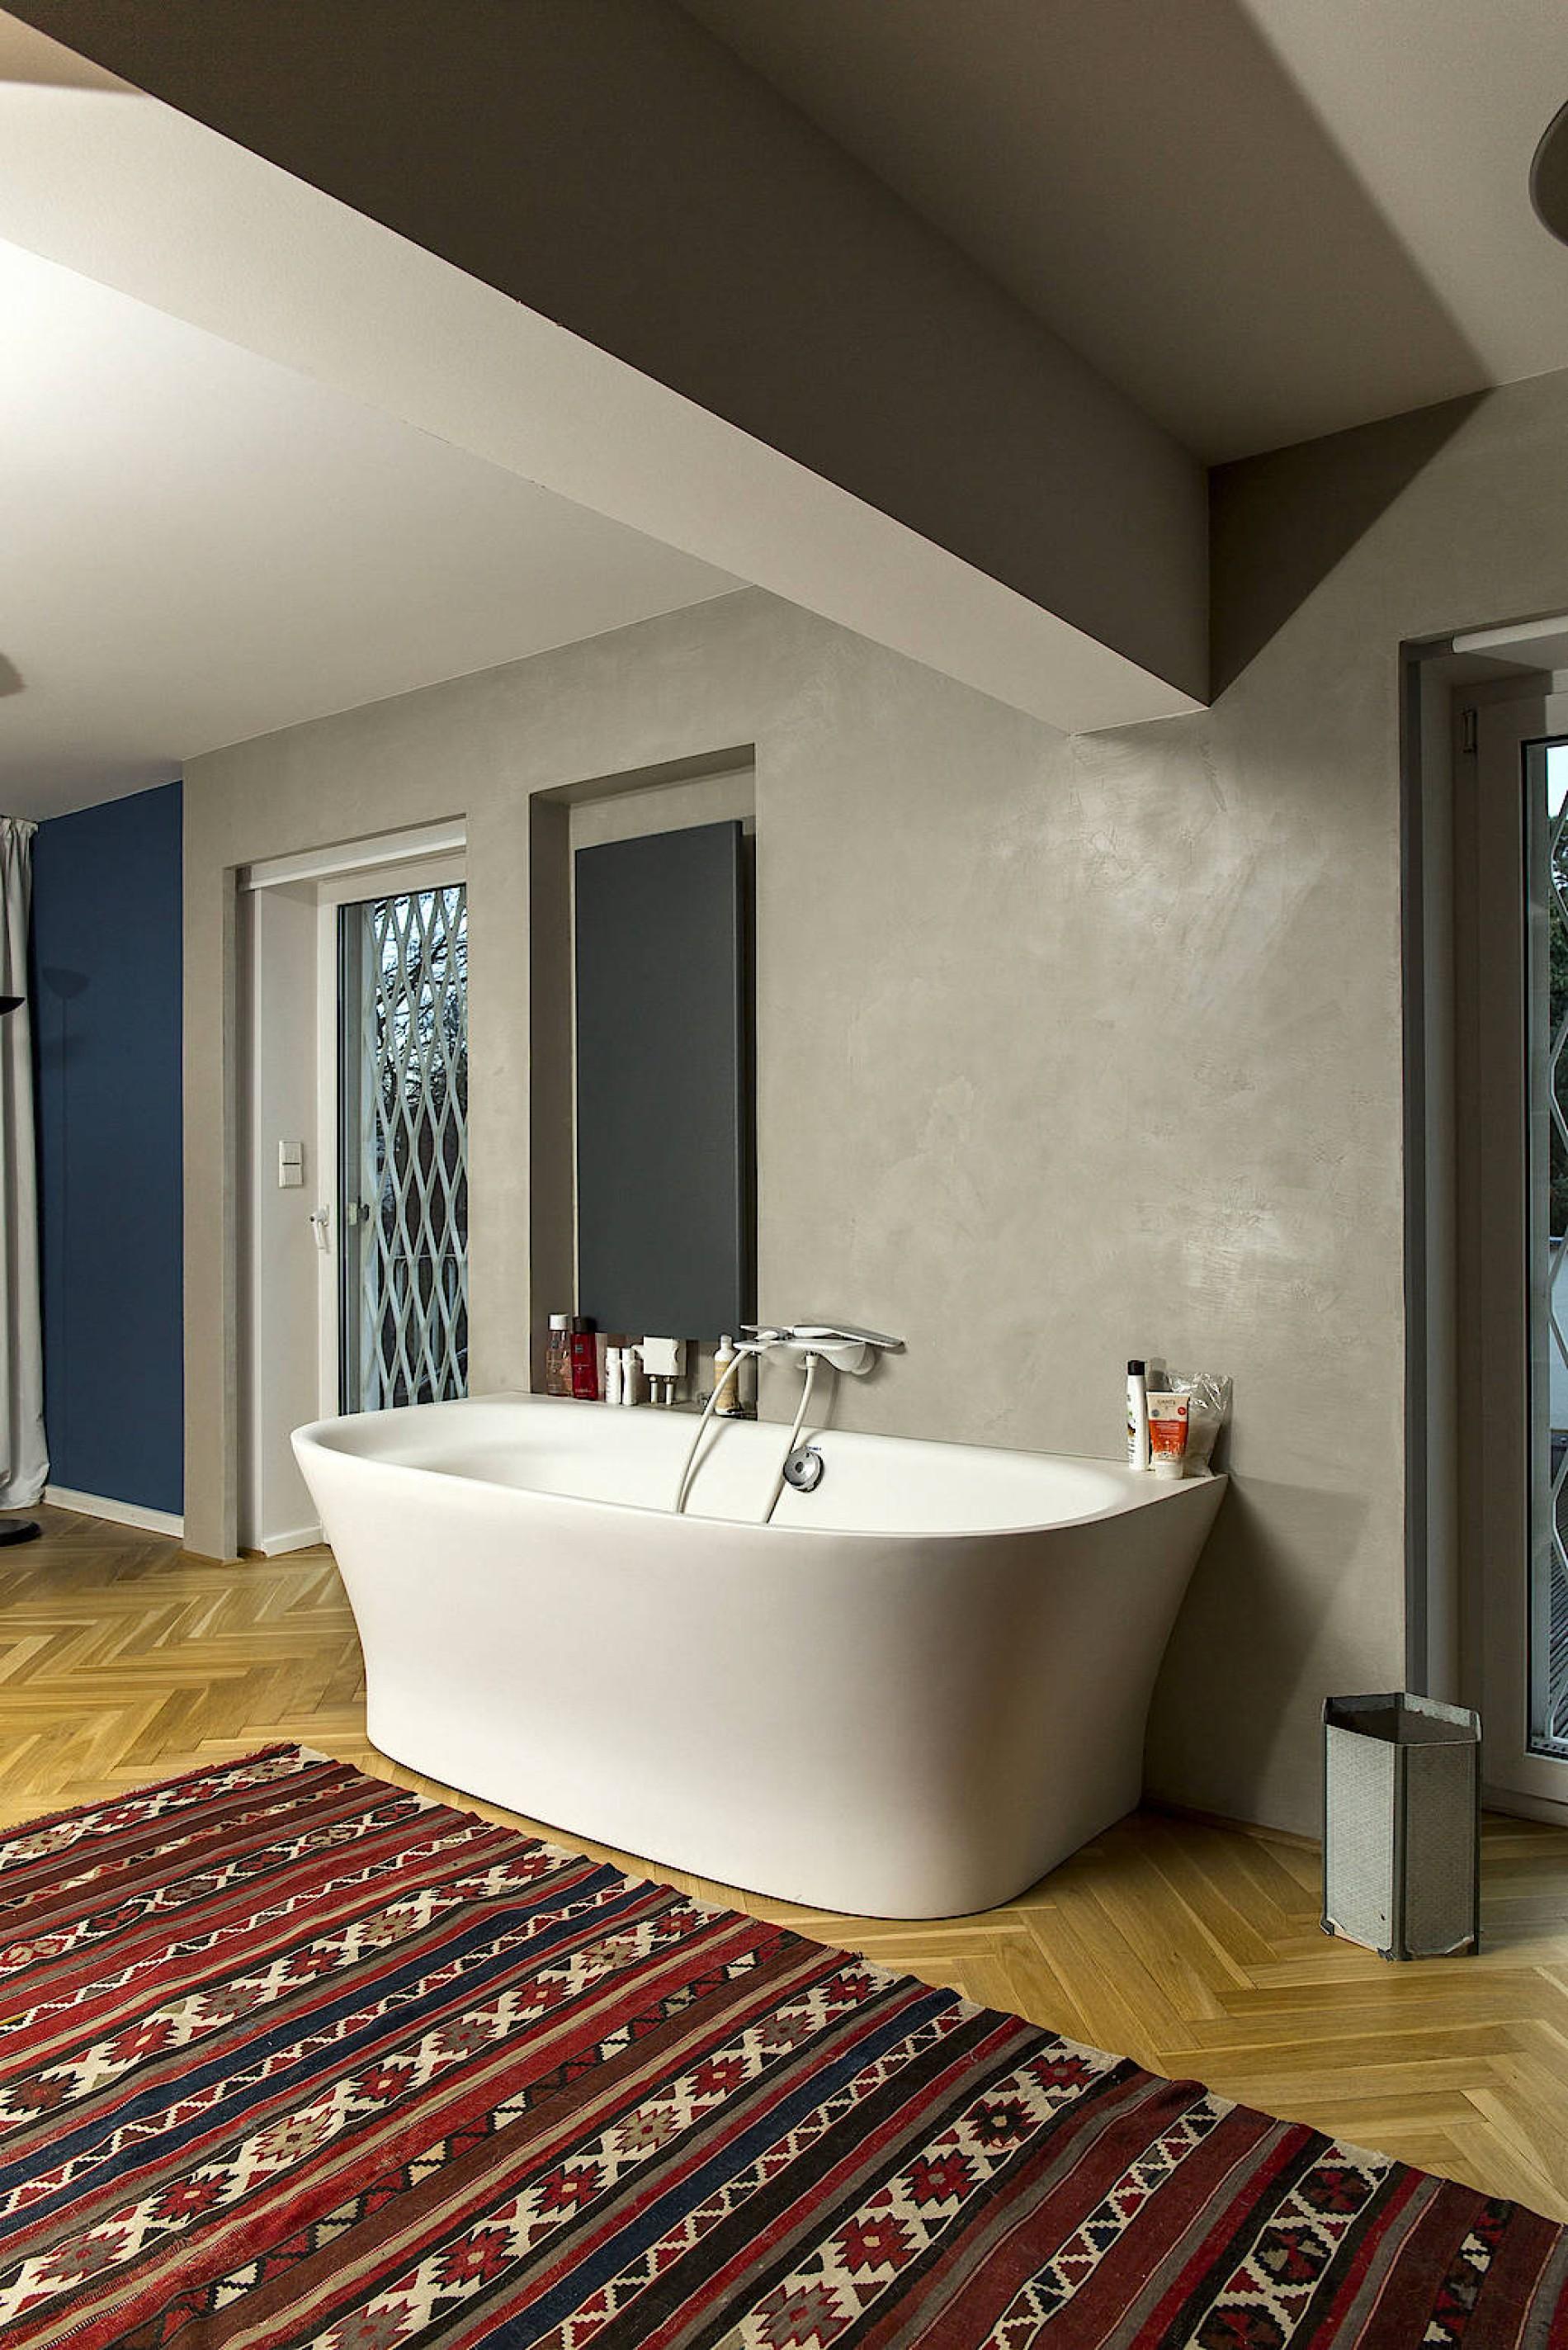 Eine Freistehende Badewanne Thront Im Schlafzimmer.